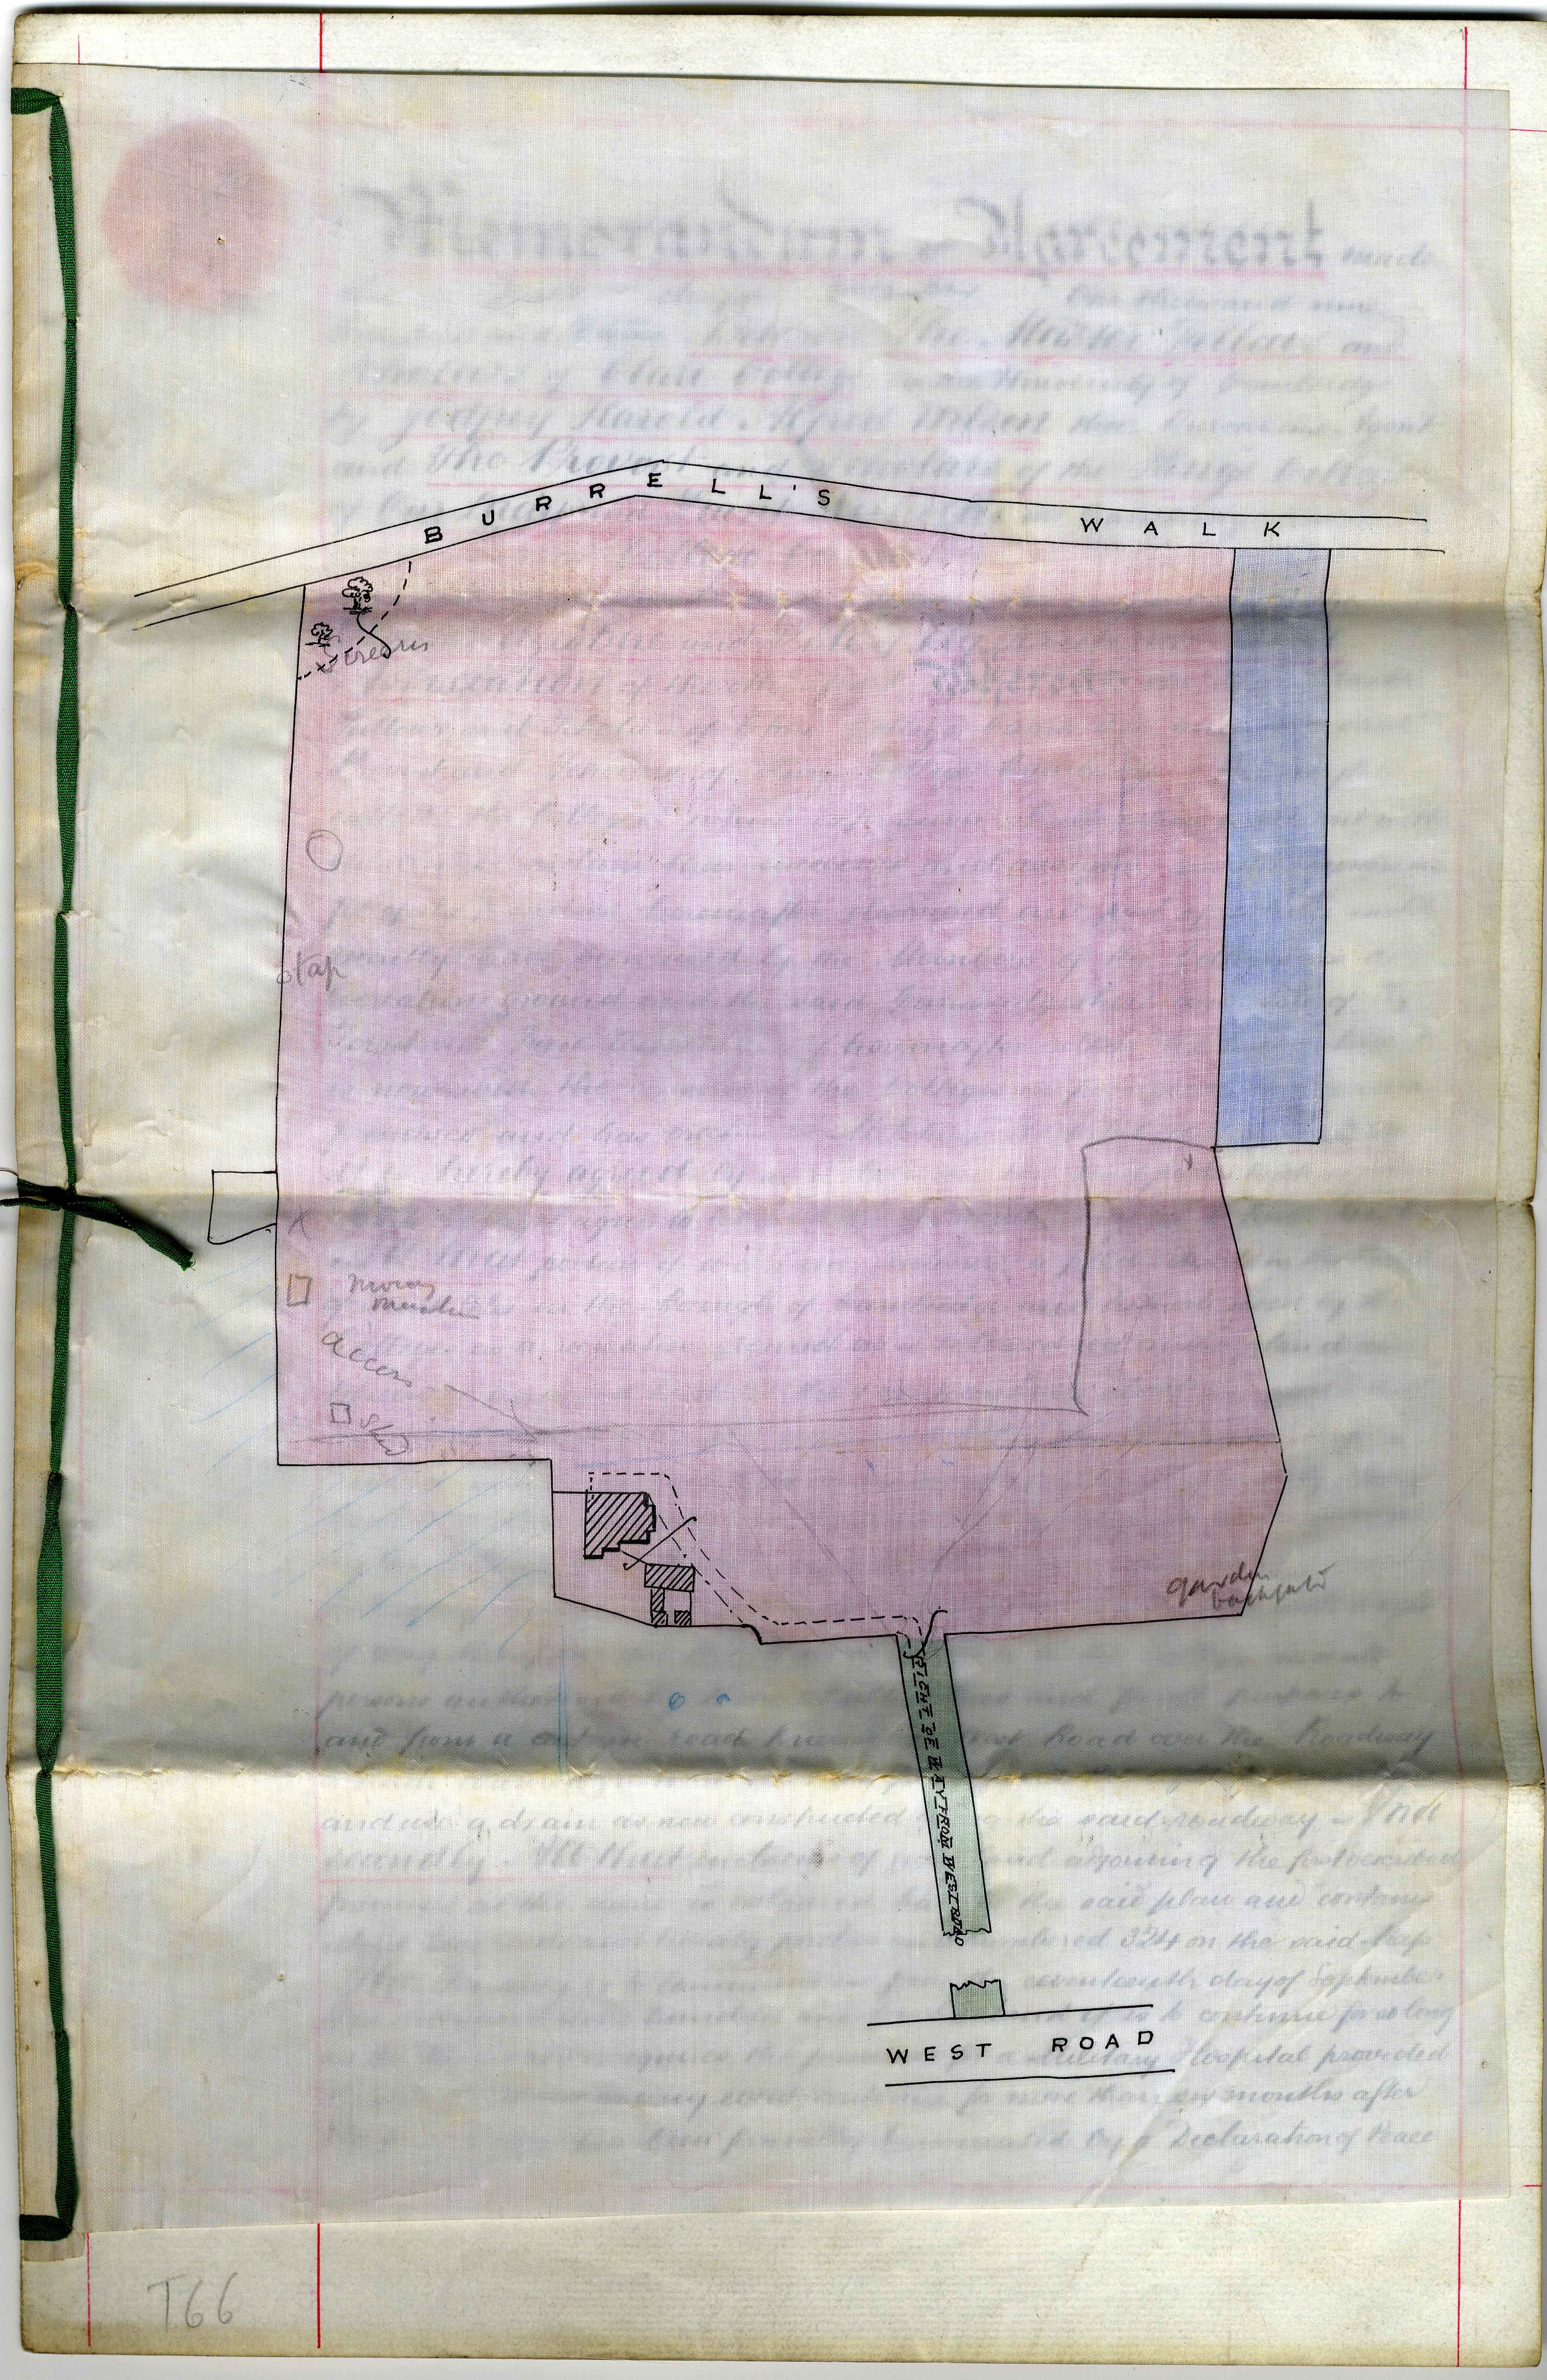 Memorandum of Agreement (duplicate), 1 December 1915, plan (KCAR/3/1/1/8/31)